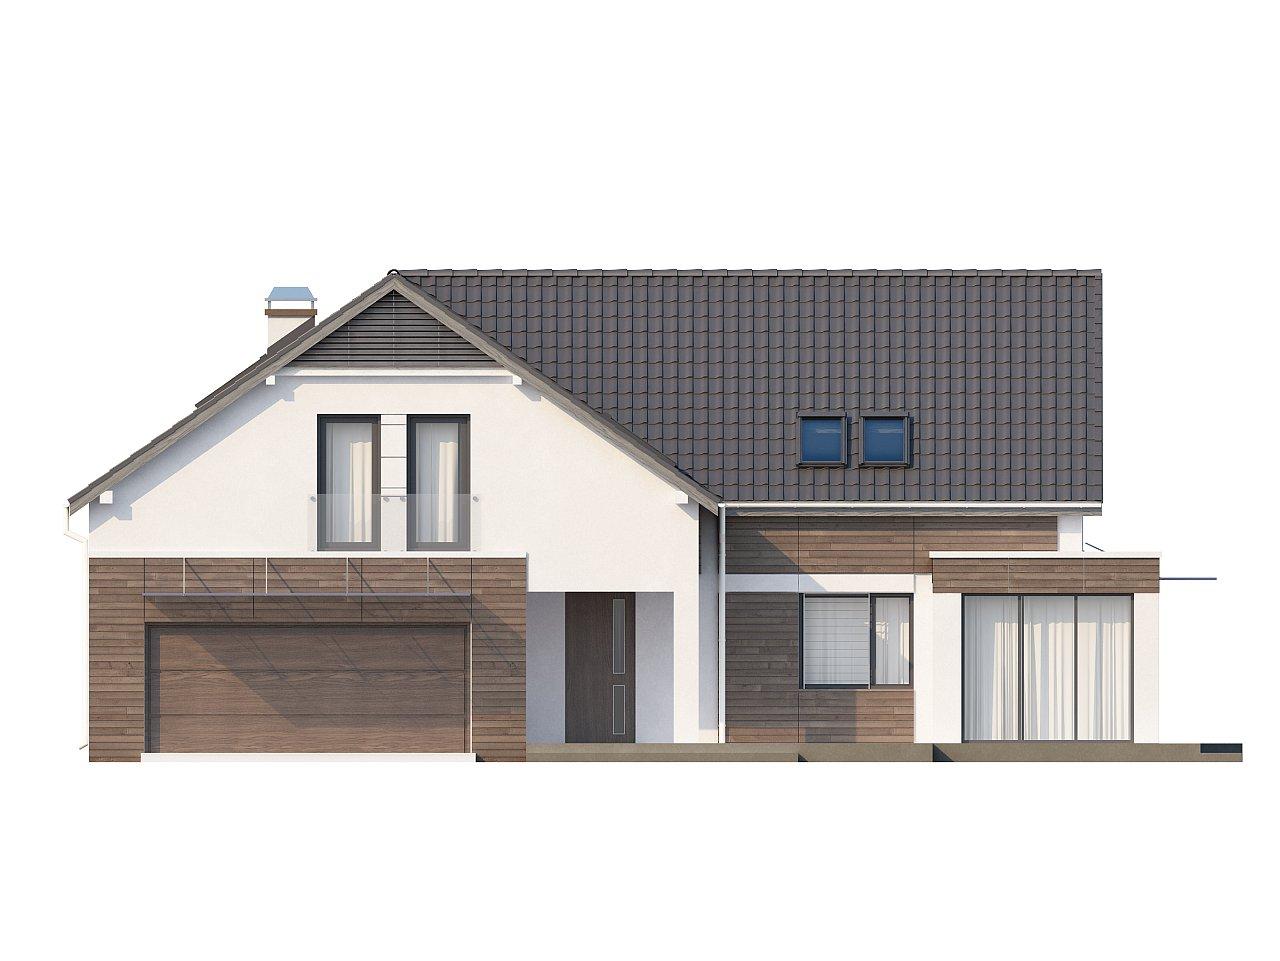 Просторный и комфортный дом с гаражом для двух автомобилей и угловым эркером. 3